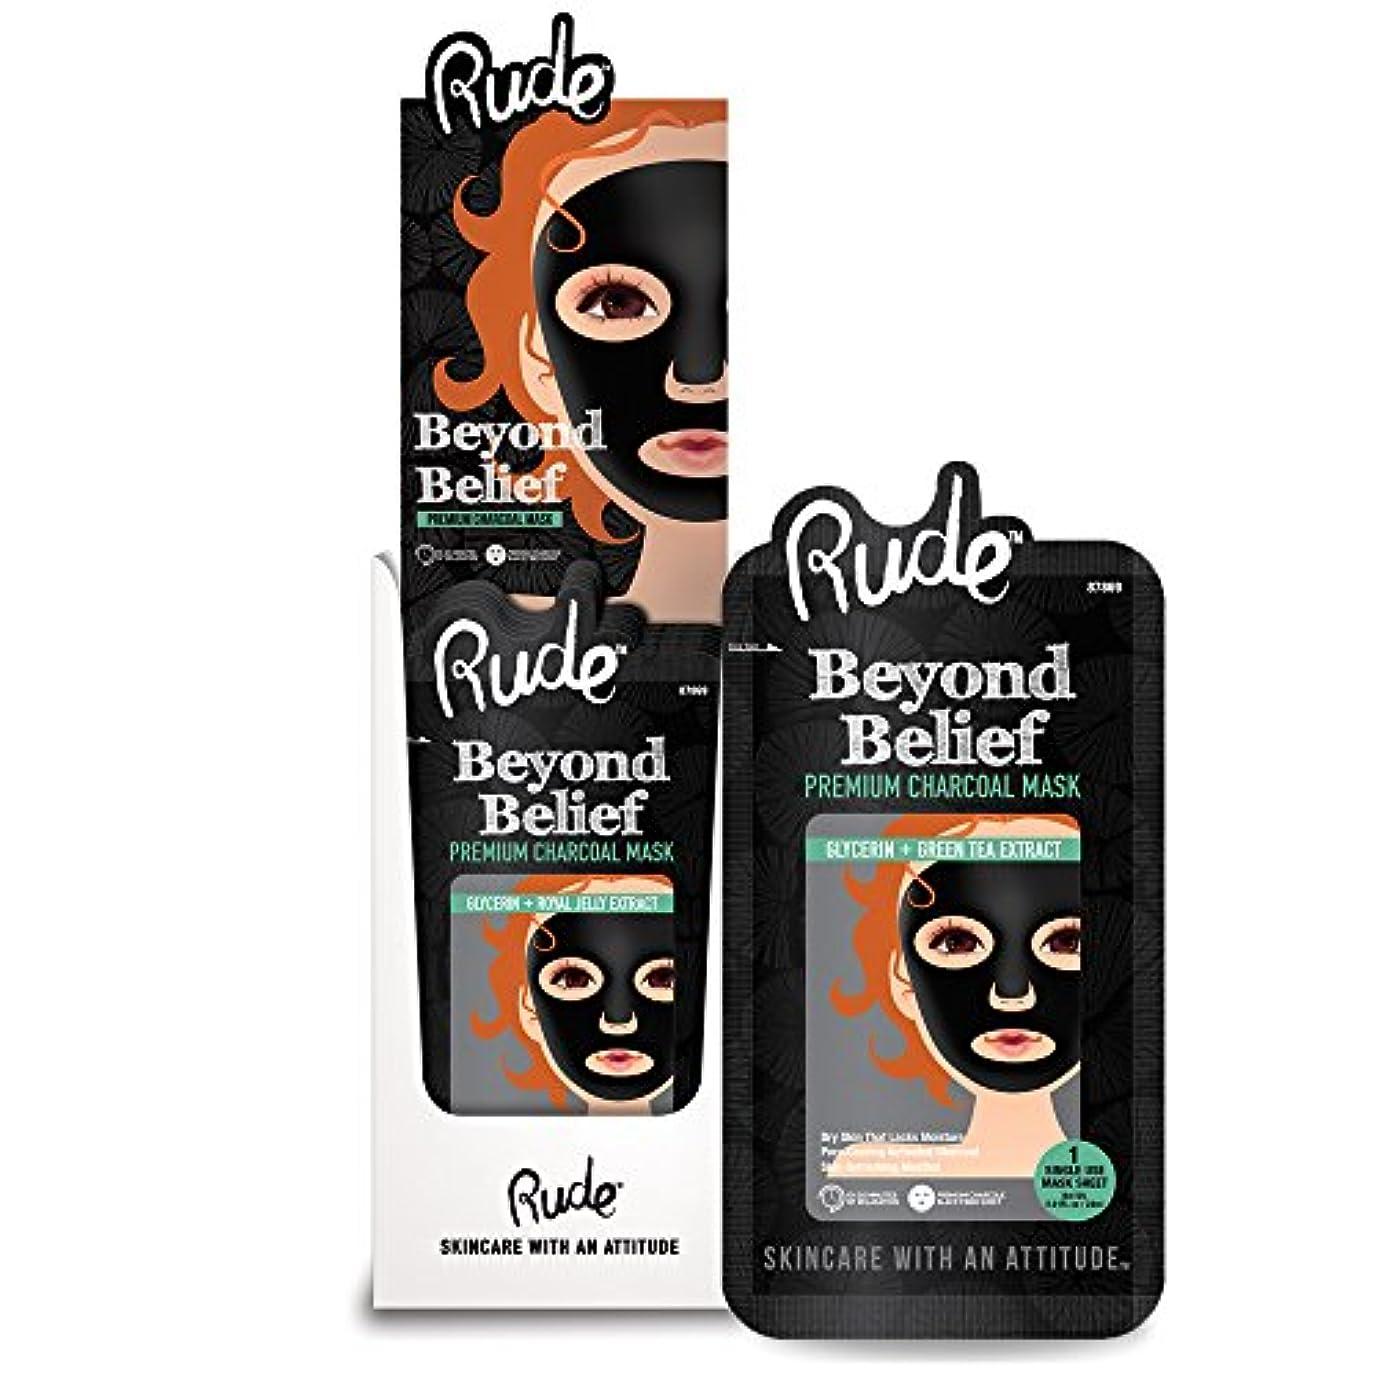 広まった服フレキシブルRUDE Beyond Belief Purifying Charcoal Mask Display Set, 36 Pieces (並行輸入品)